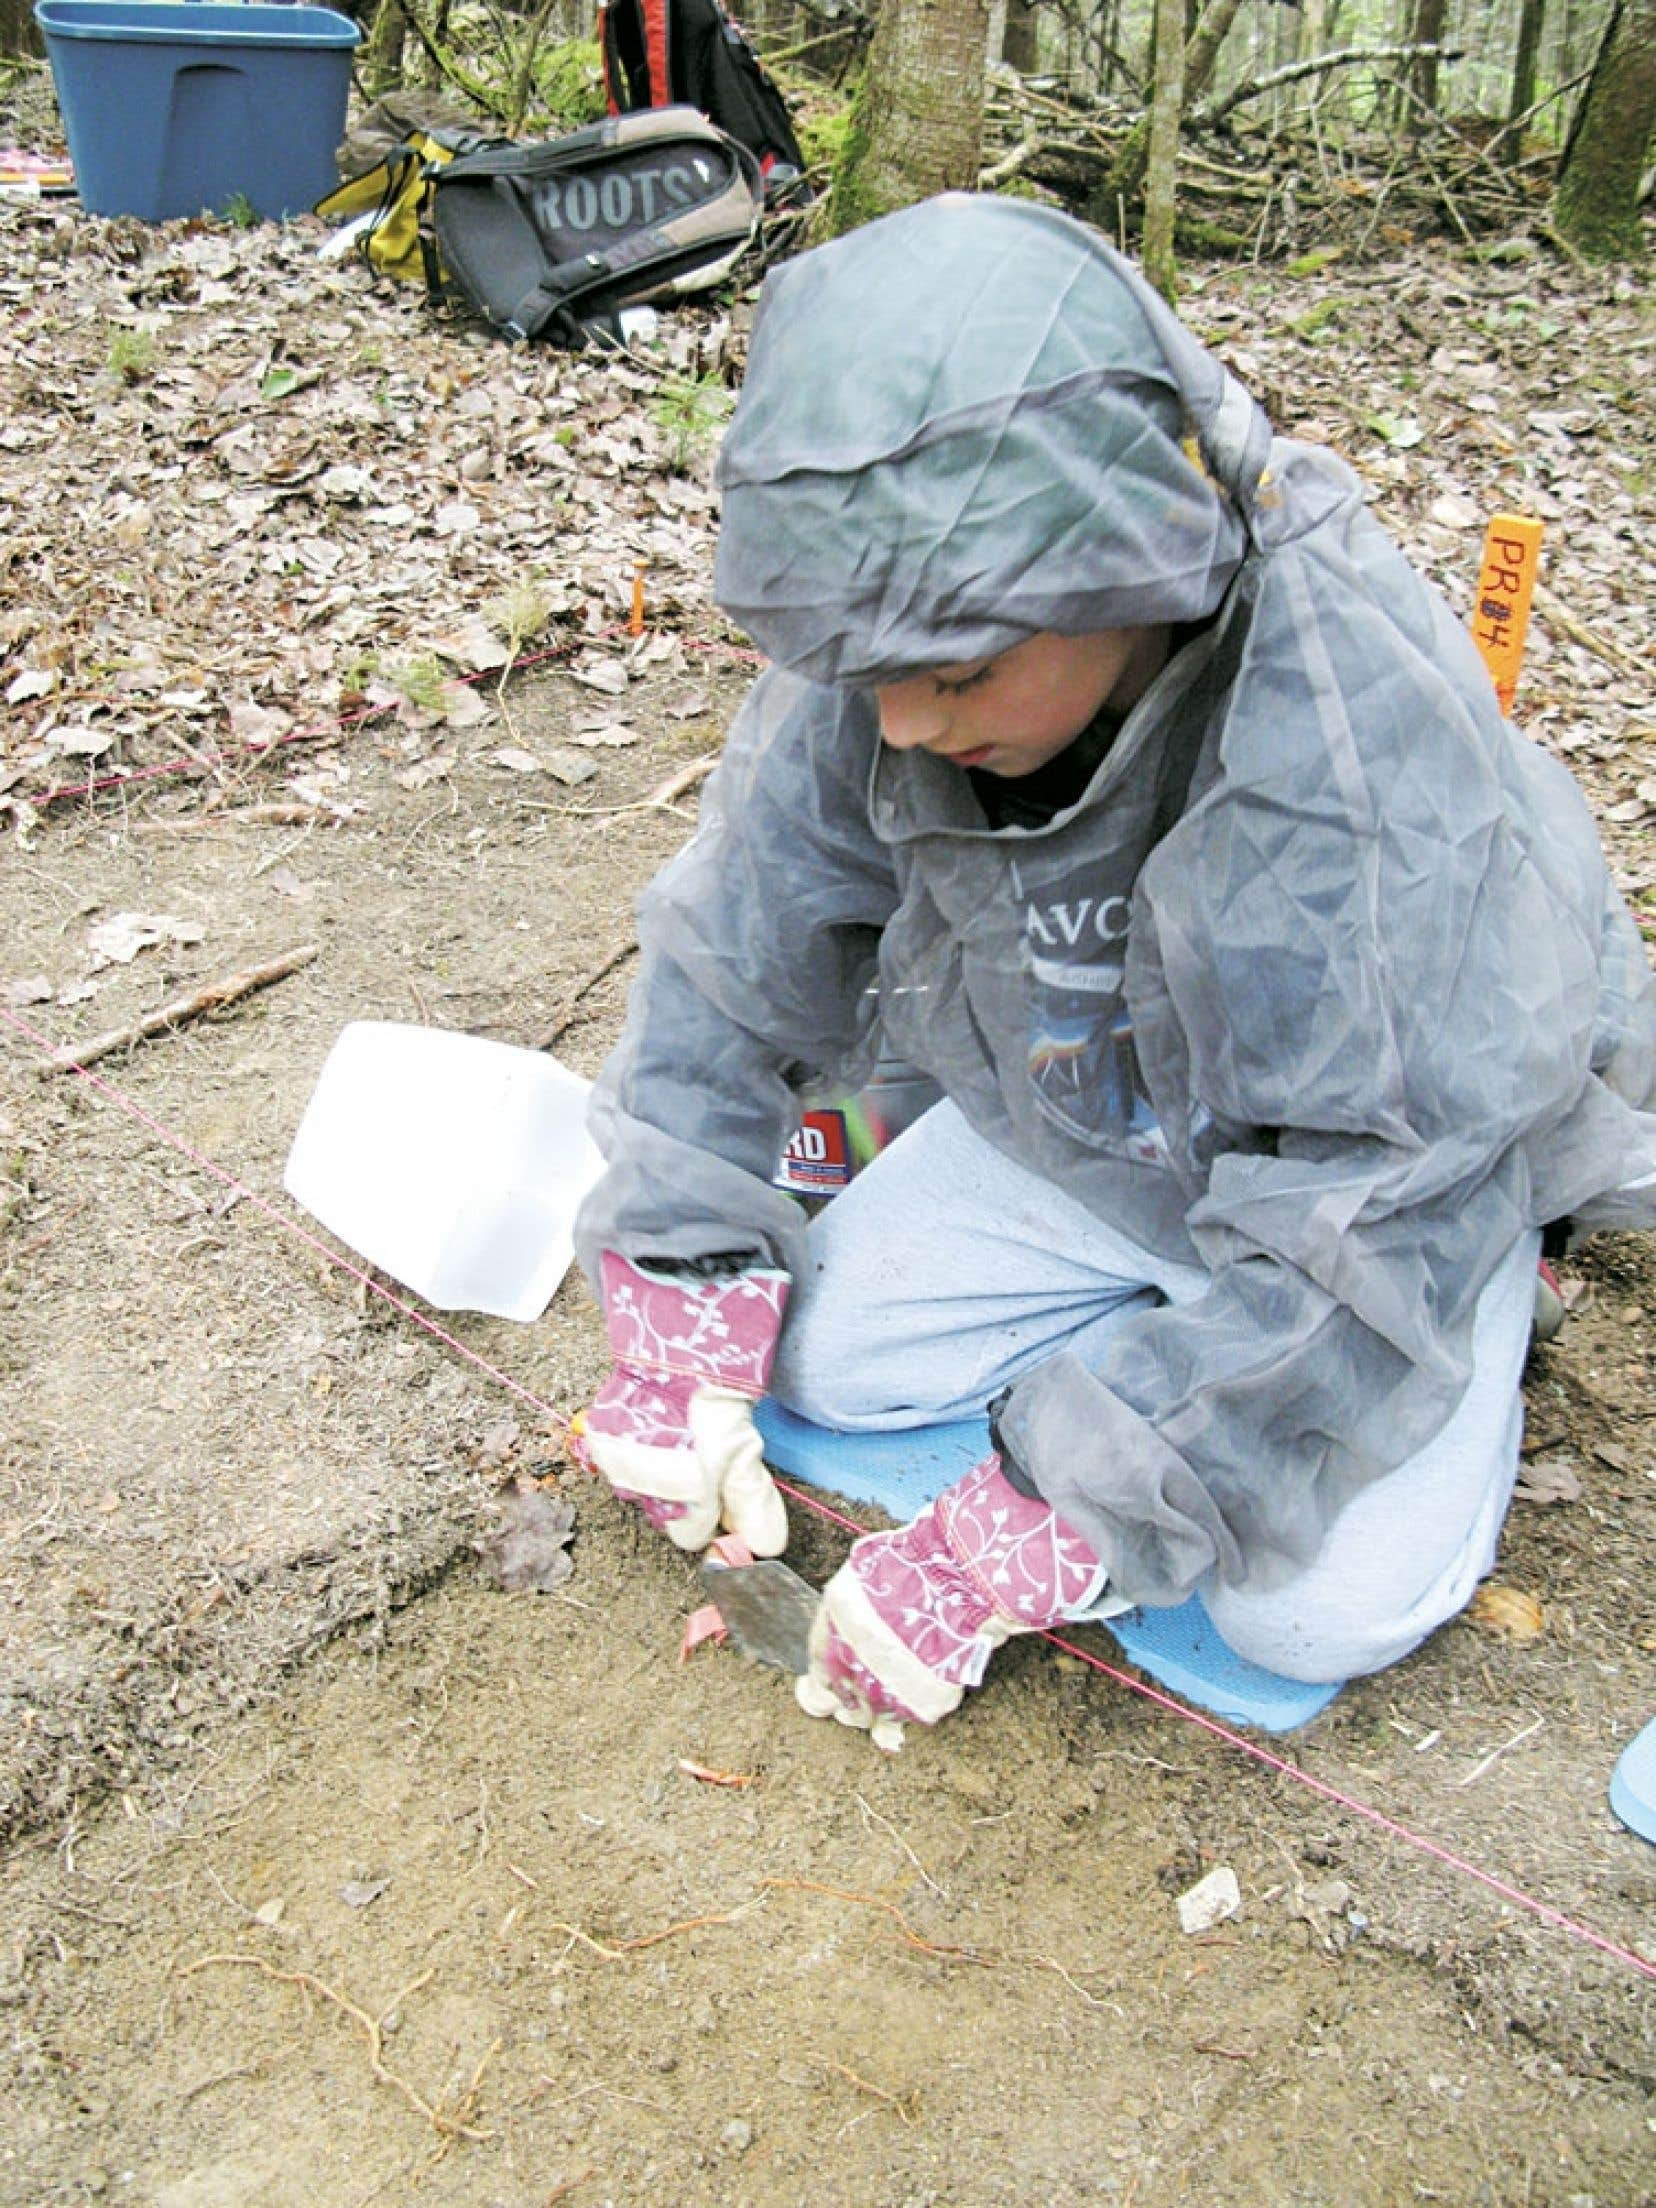 L'activité proposée par la SEPAQ est une vraie fouille archéologique. Chaque artefact trouvé sera conservé et compilé pour en apprendre plus sur les populations qui ont traversé la région du lac.